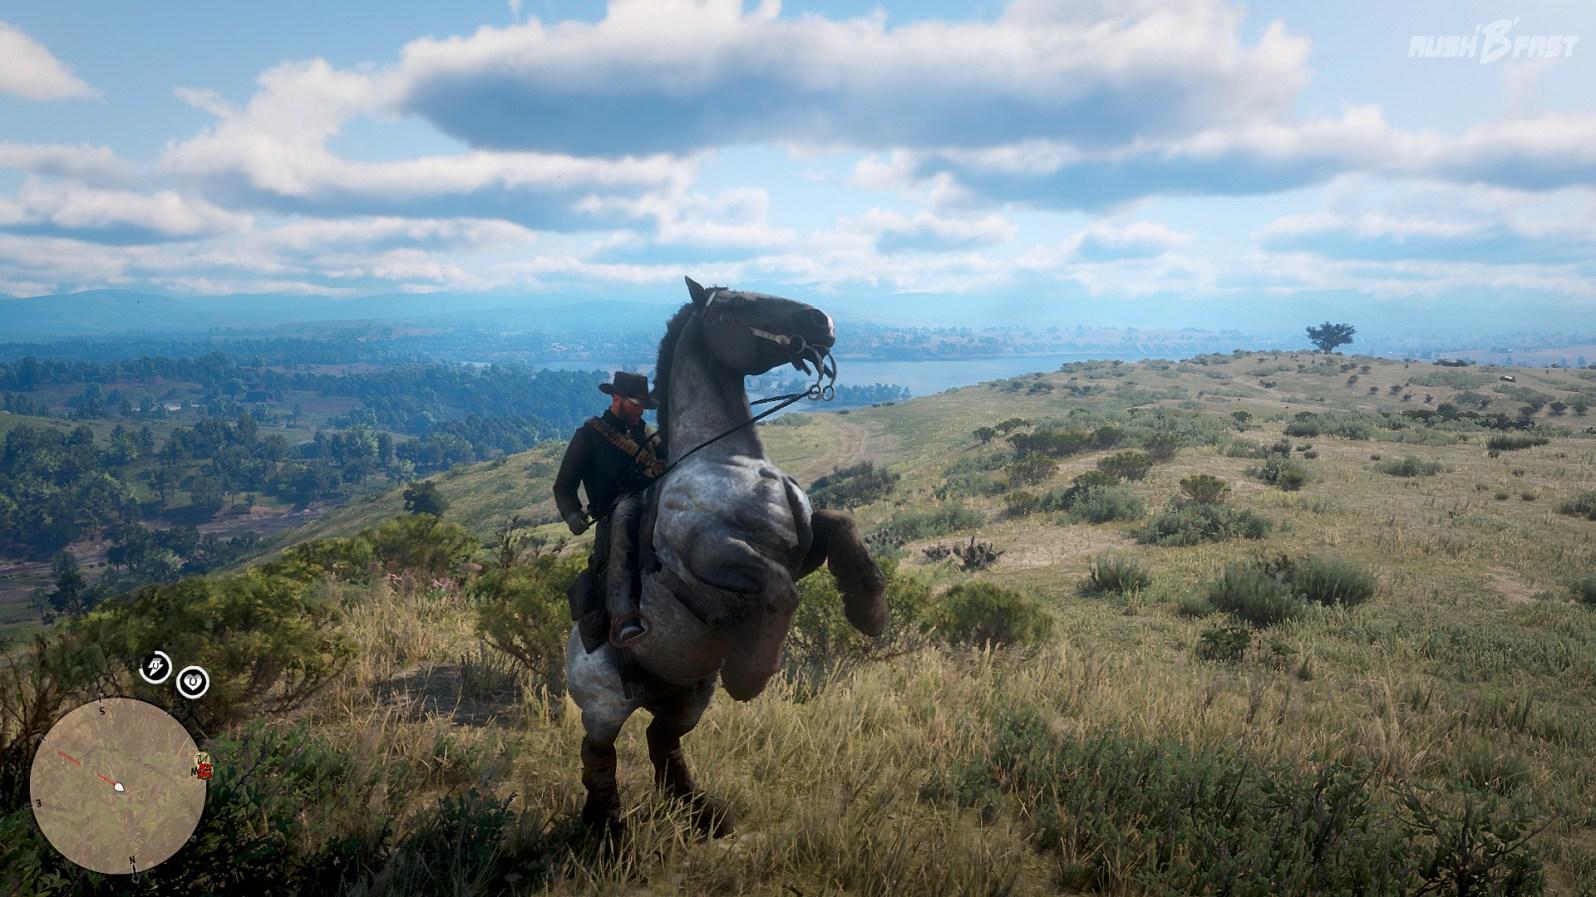 Red Dead Redemption 2: Bei fortgeschrittener Verbundenheit zu seinem Pferd sind Manöver wie Aufbäumen, Rutschen und Piaffe möglich.